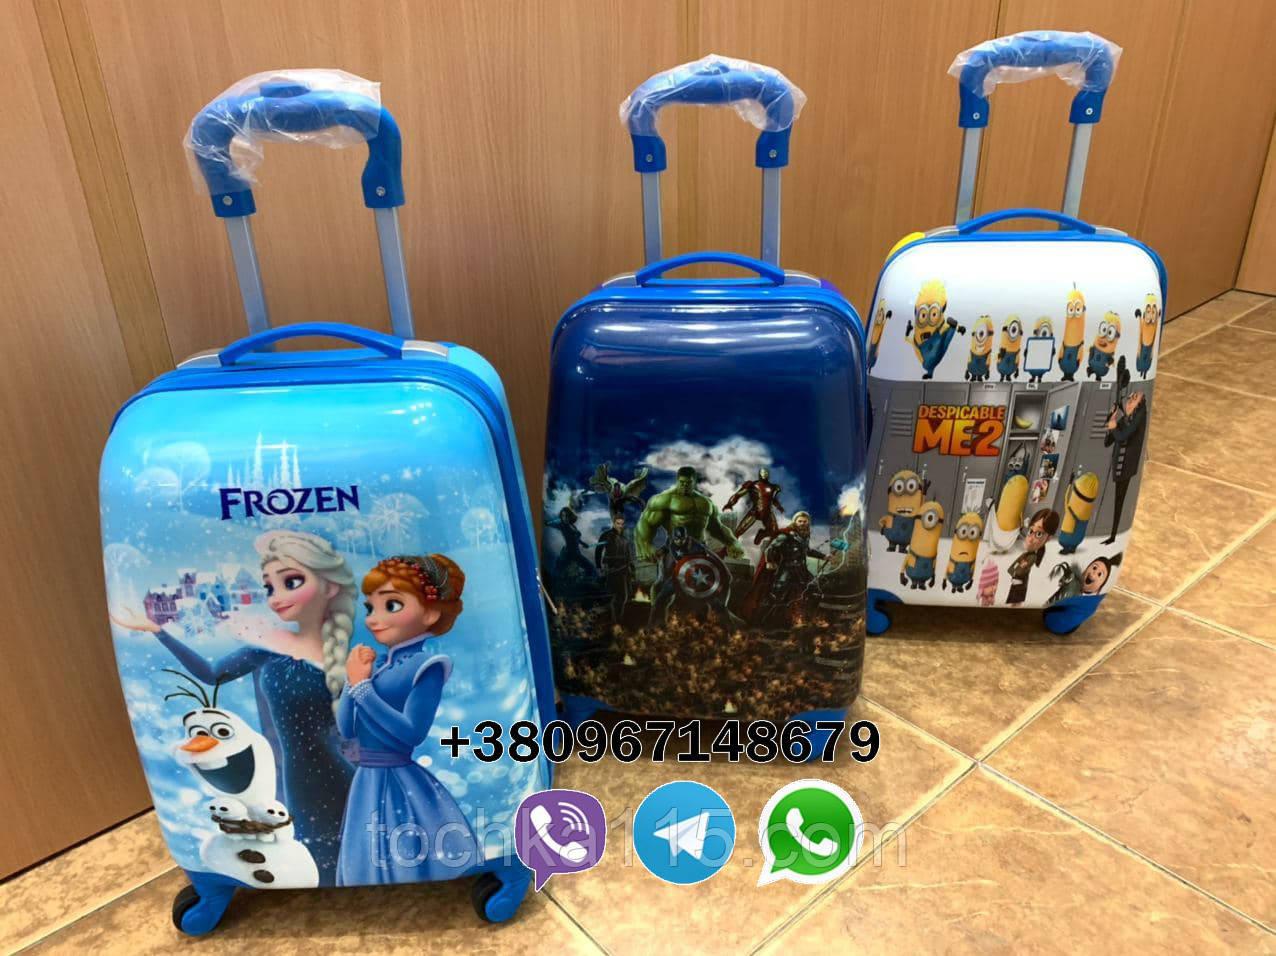 Детский чемодан с телескопической ручкой FROZEN с Анной и Эльзой на подарок, ручная кладь 44/30/20 см